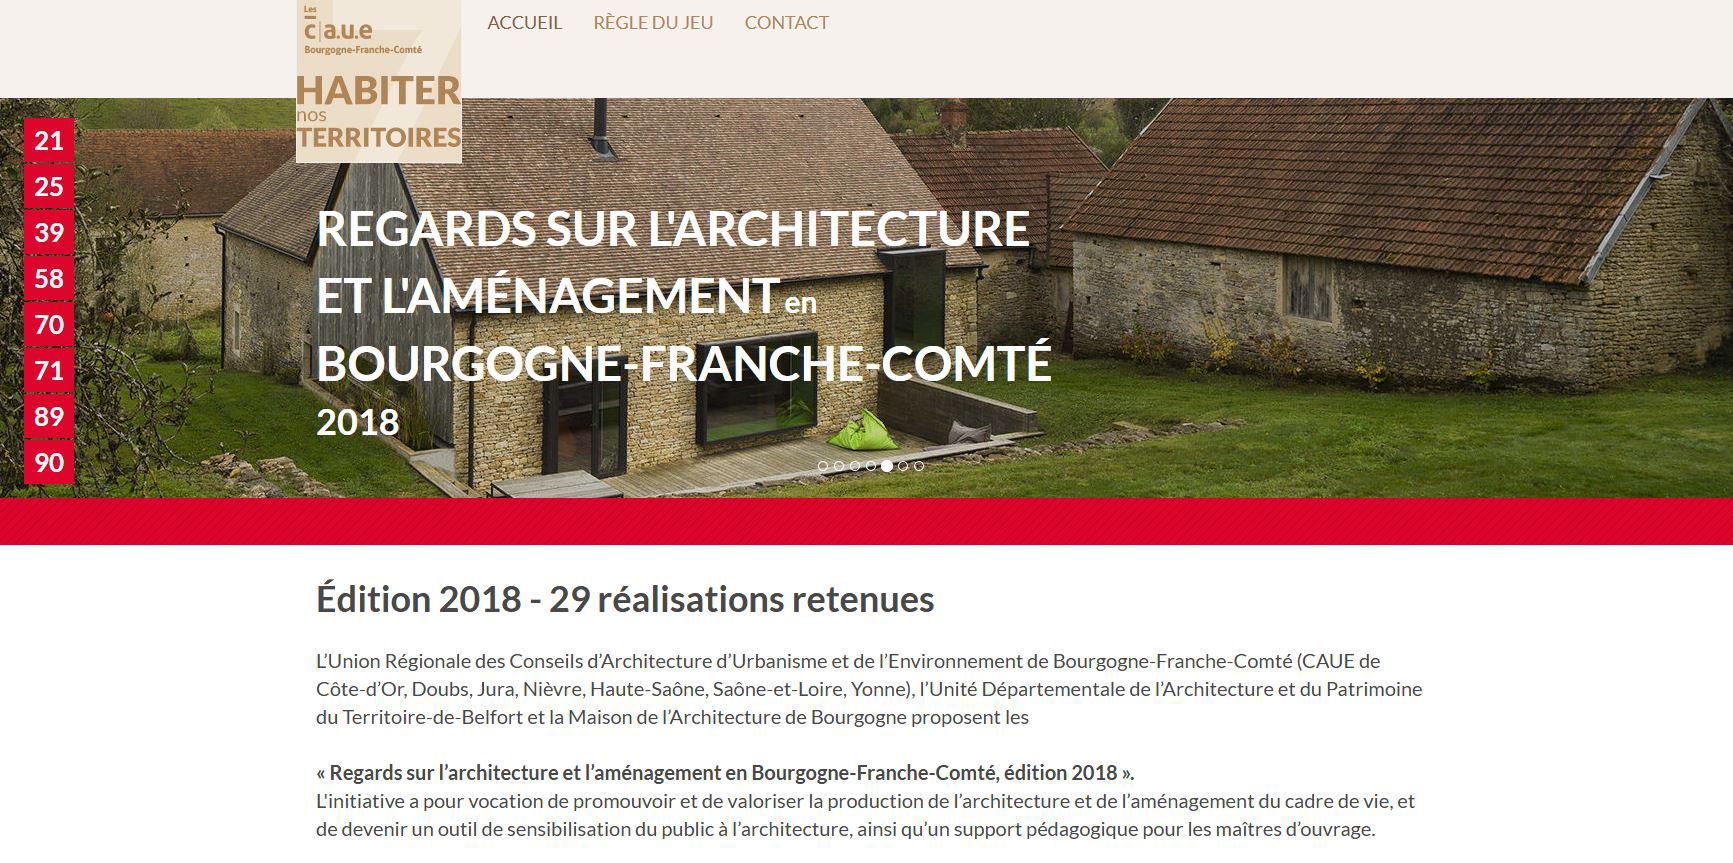 accueil_VOTE_PUBLIC_CAUE_BFC